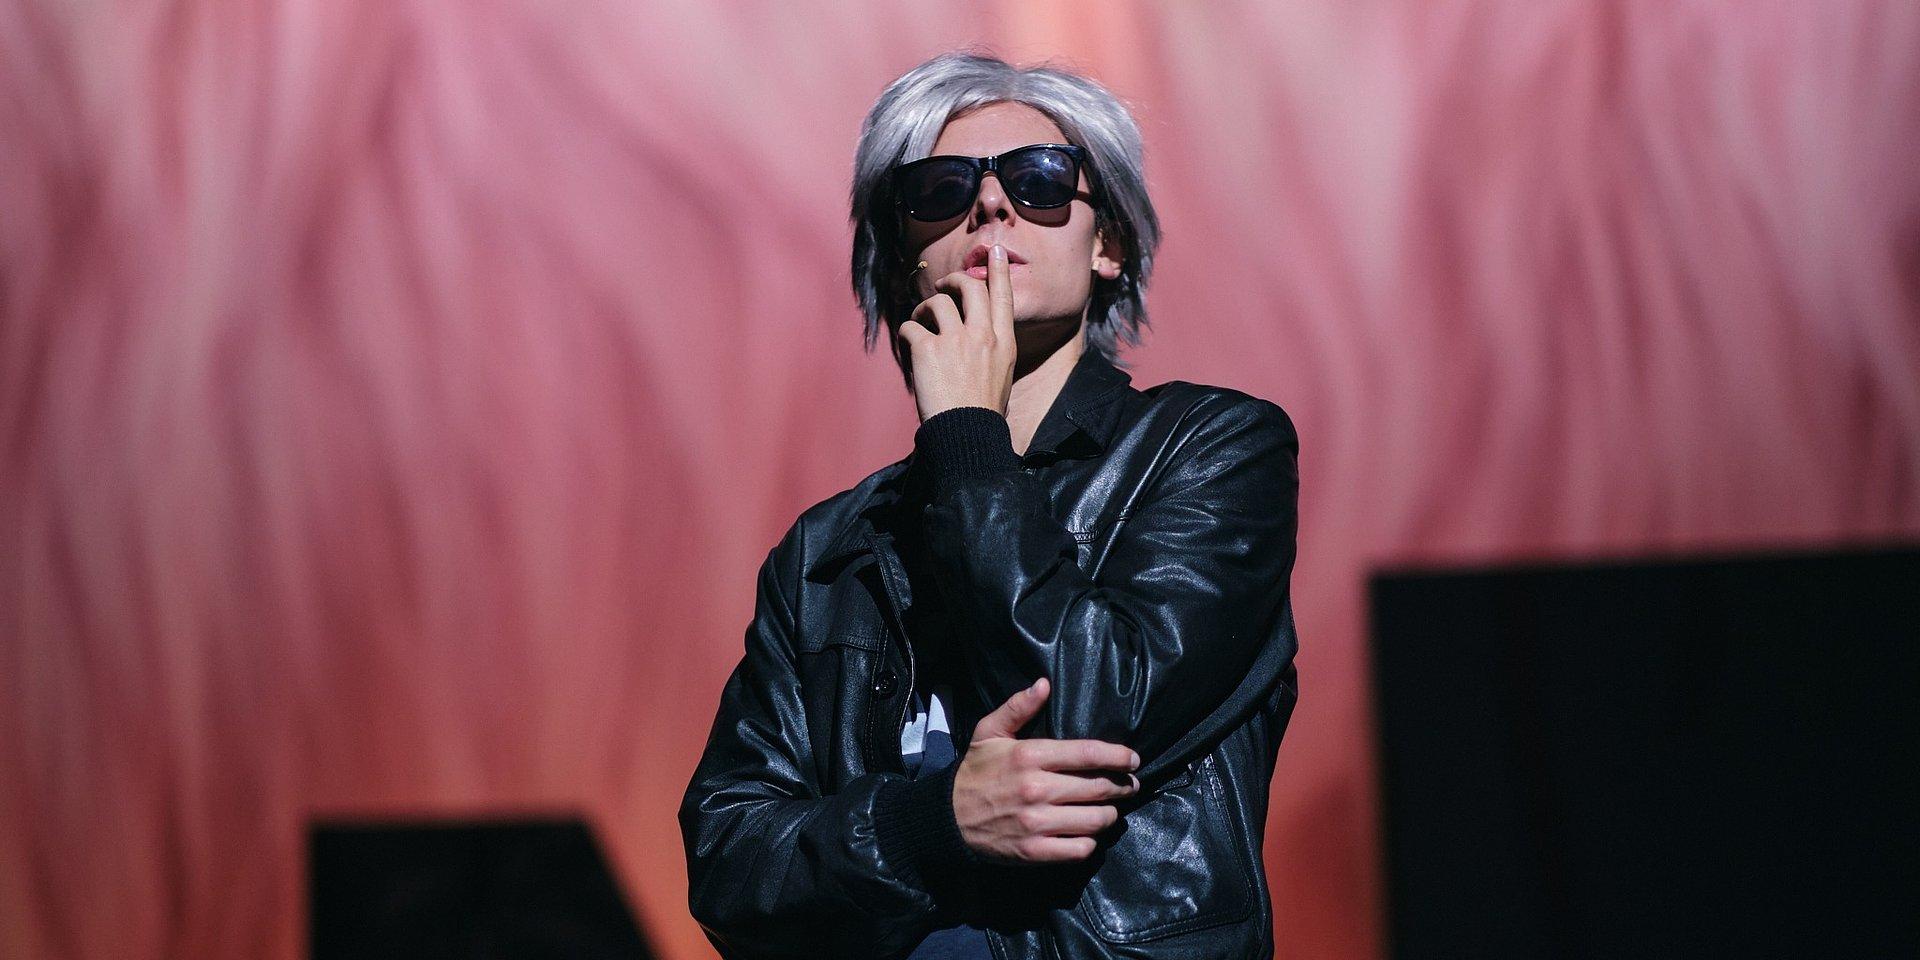 Musical sobre Andy Warhol estreia hoje no Teatro Nacional D. Maria II com o apoio da everis NTT DATA